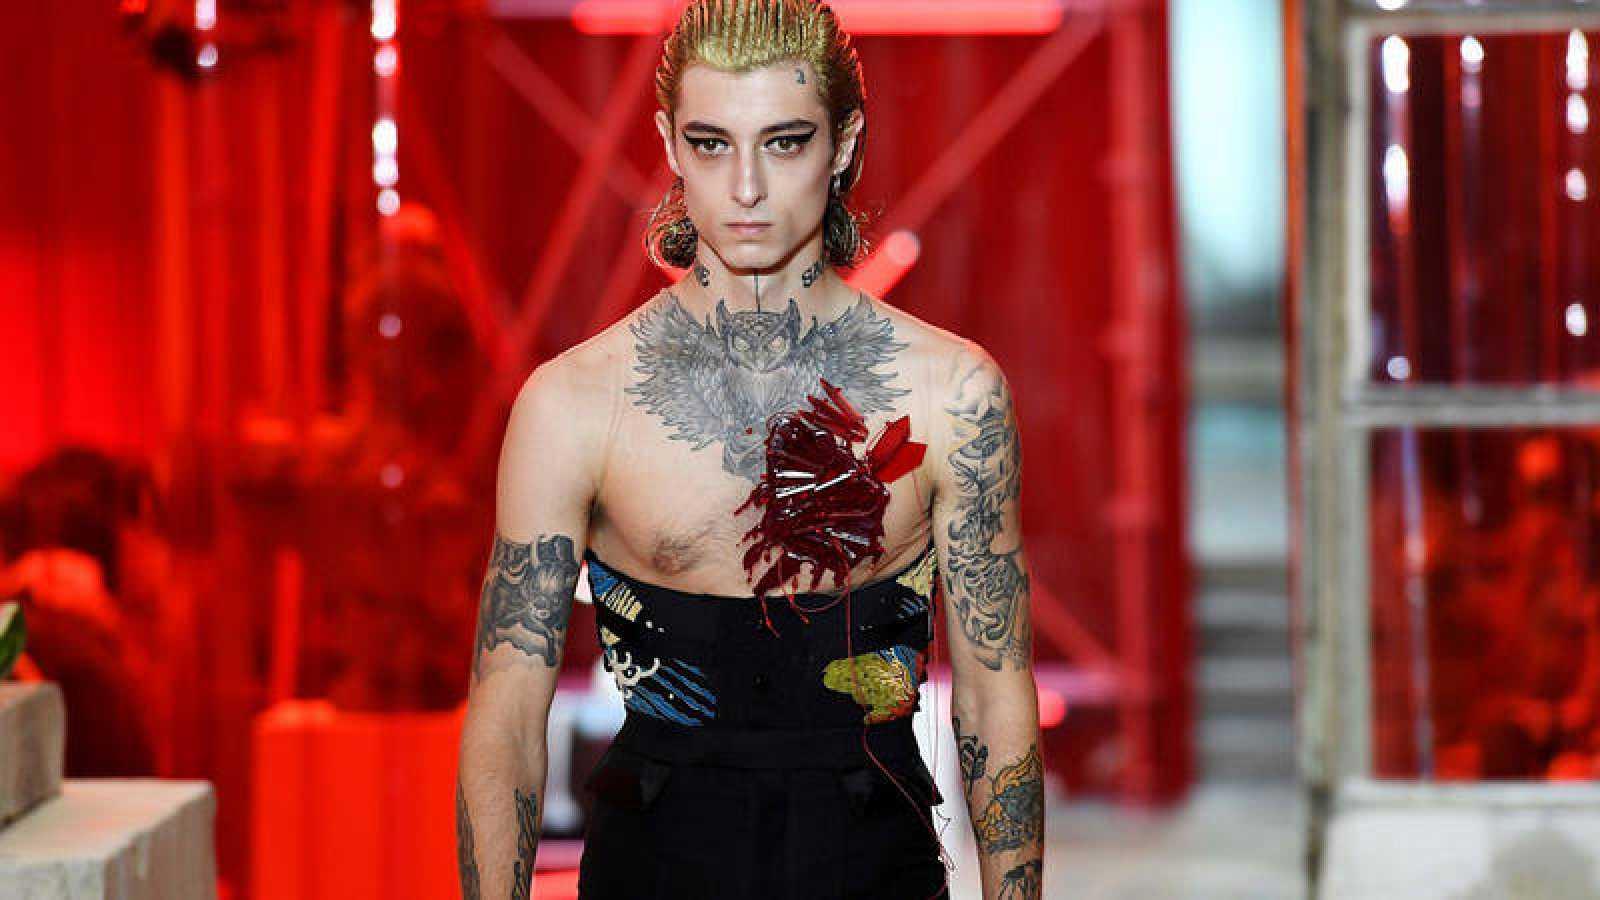 La moda muta y entra en una nueva dimensi�n